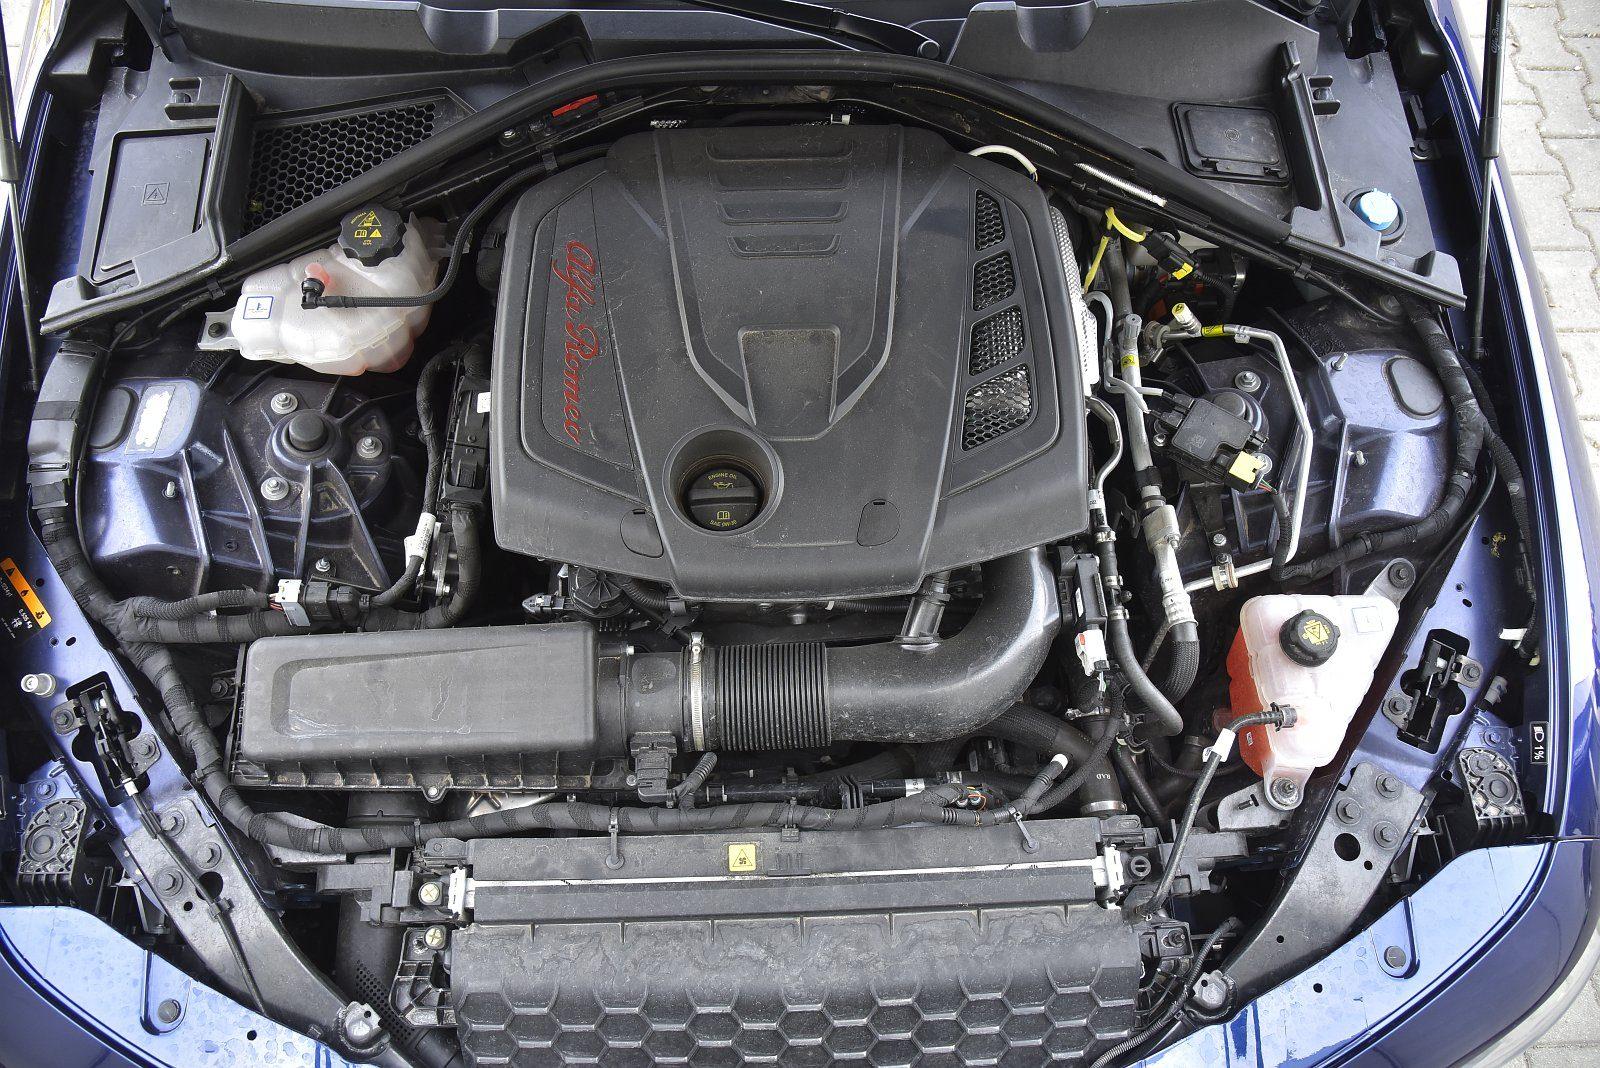 alfa romeo giulia 2.0 turbo q4 2019